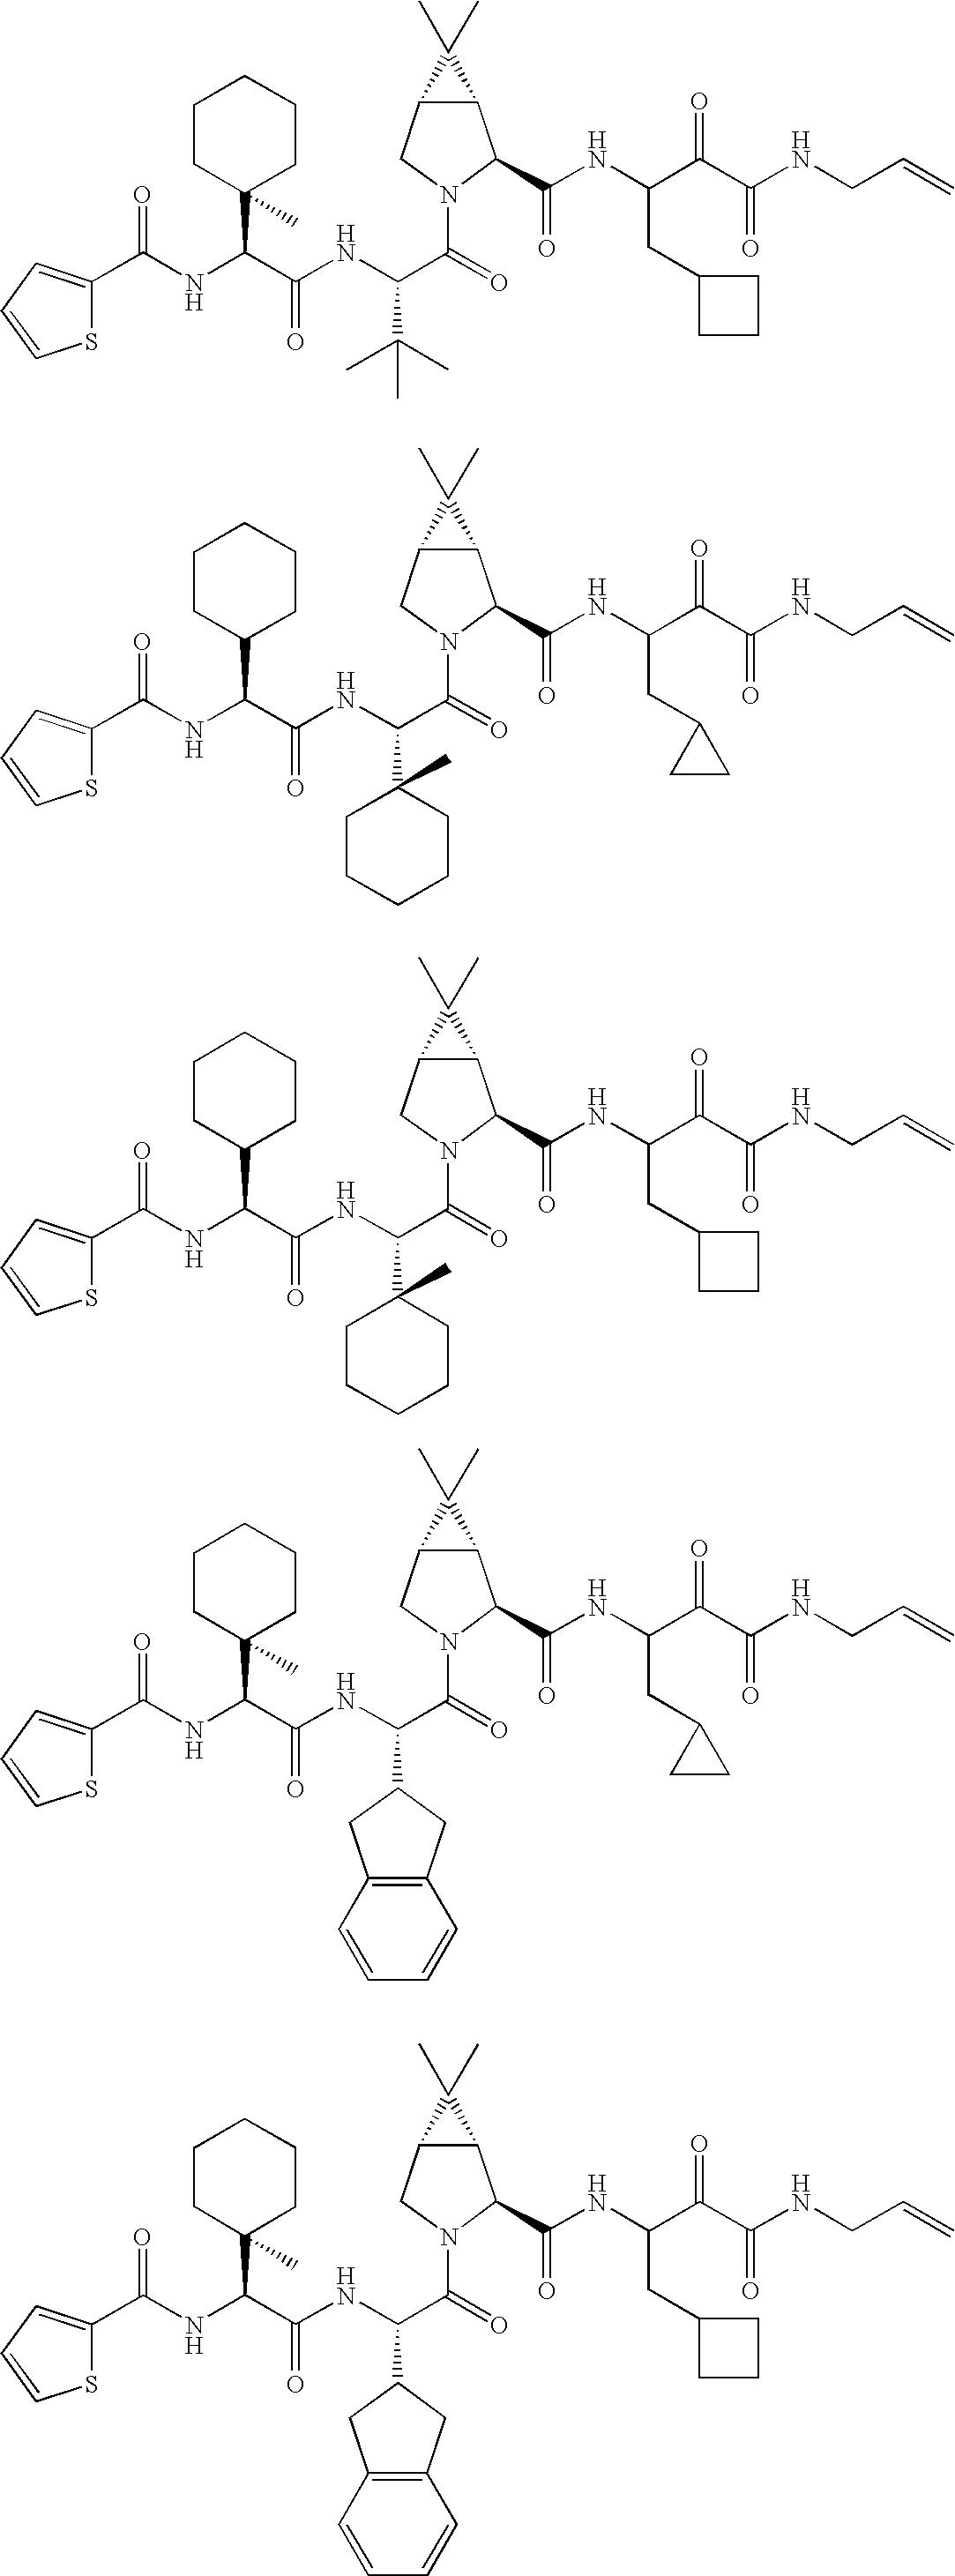 Figure US20060287248A1-20061221-C00487